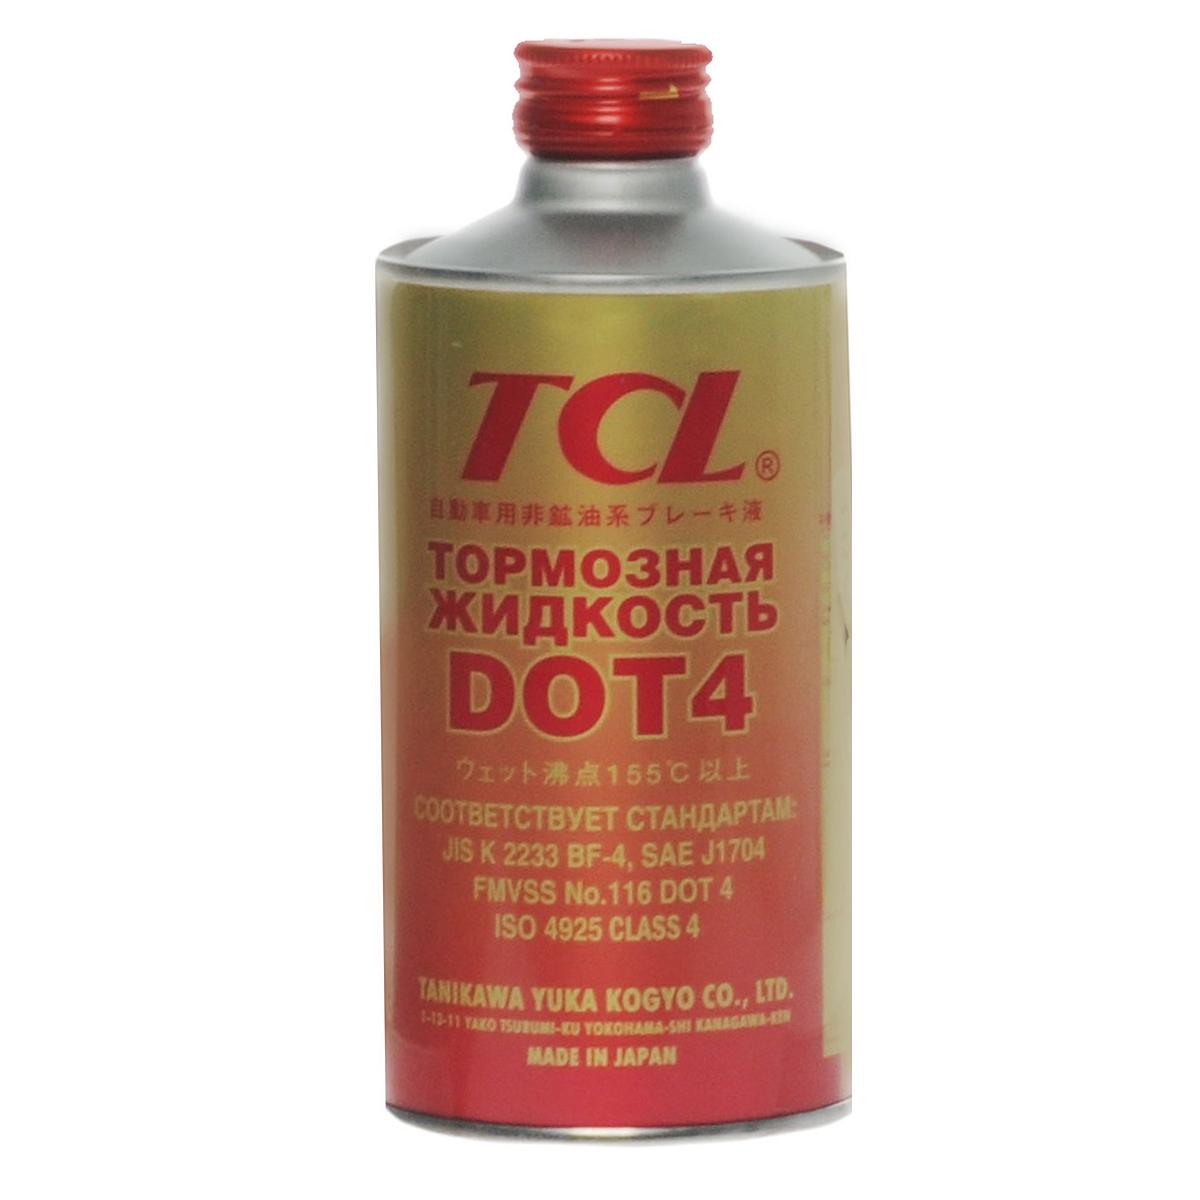 Жидкость тормозная TCL DOT4, 355 мл840Тормозная жидкость CL DOT4 супервысокого качества, отлично подходящая для гидравлических тормозных систем автомобилей, в том числе тормозных систем новых моделей. Идеальна для дисковых тормозных систем. Смешивается с любой тормозной жидкостью, отвечающей стандартам производителей автомобилей. Предотвращает коррозию частей тормозной системы, преждевременный выход из строя резиновых сальников. Обеспечивает надежную и долговременную работу тормозной системы автомобиля. Температура кипения сухой жидкости - свыше 2300°С, увлажненной - свыше 1550°С.Соответствует требованиям стандартов: JIS K 2233 BF-4, SAE J 1704, FMVSS No. 116 DOT 4.